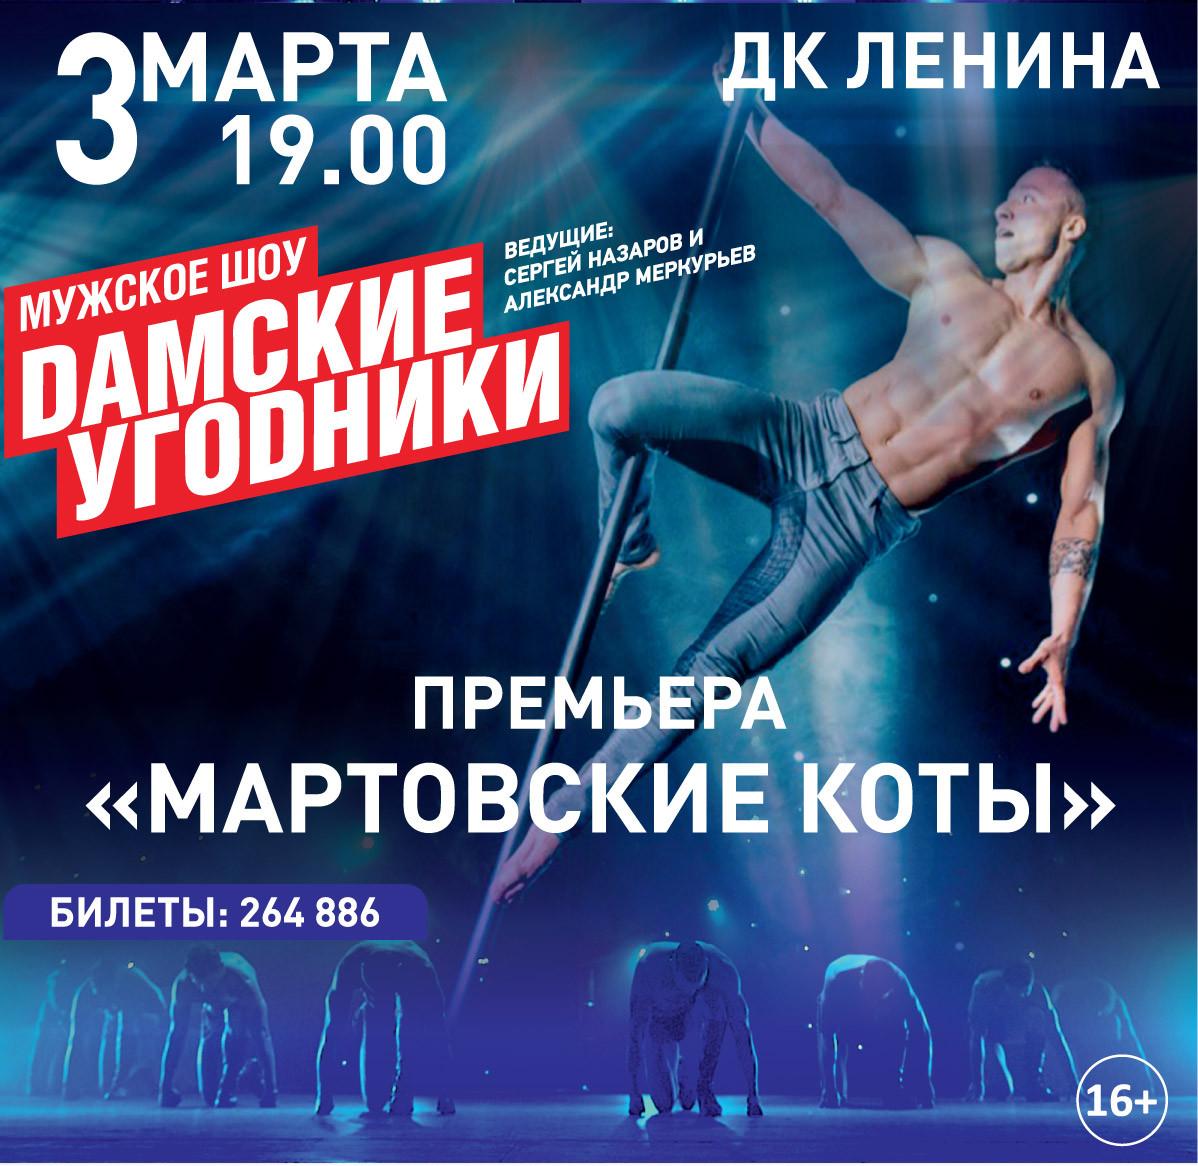 Damskie_ugodniki